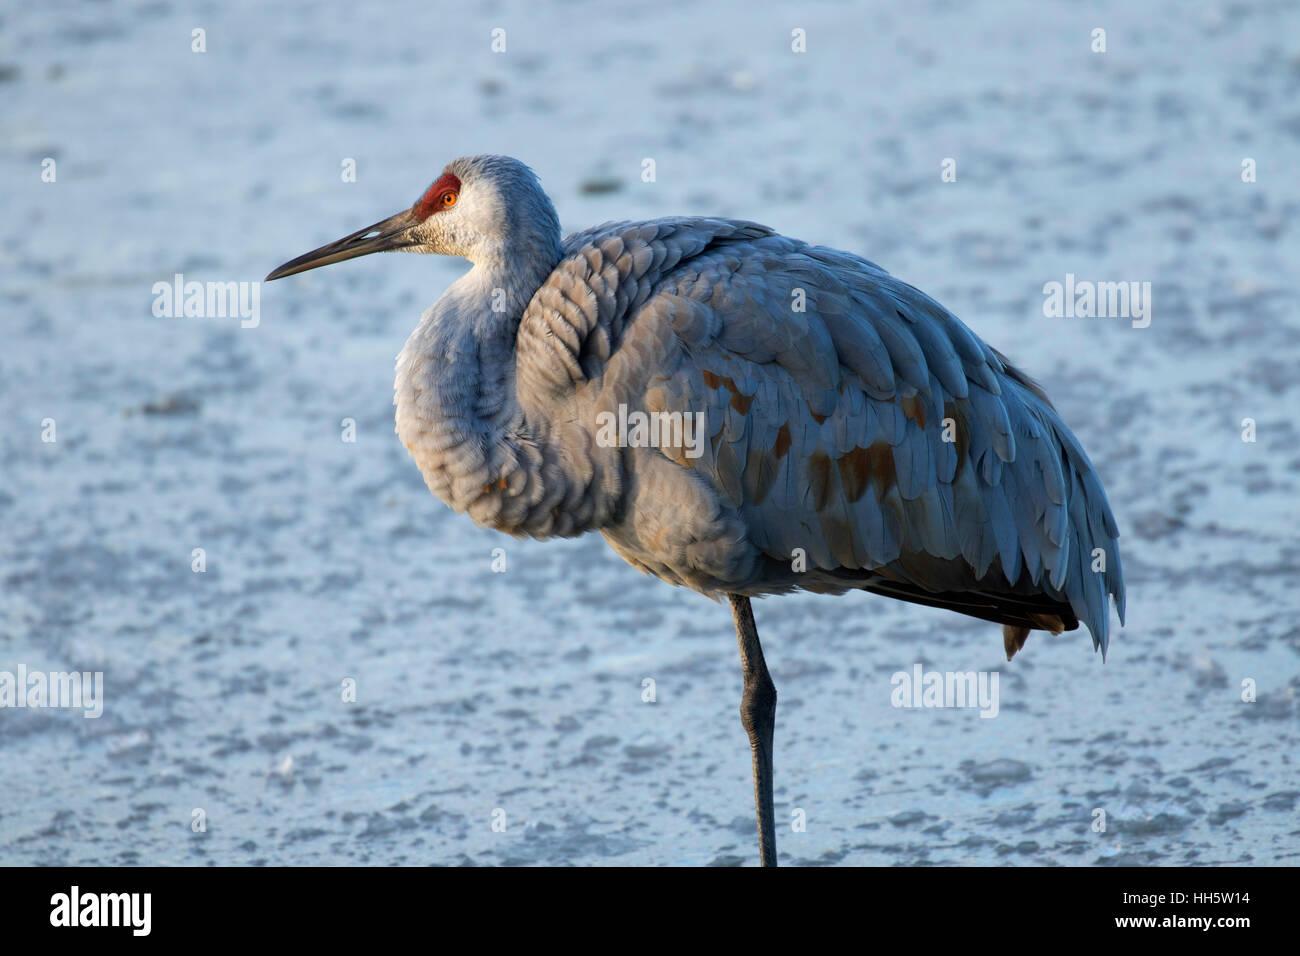 Sandhill crane, George C Reifel Migratory Bird Sanctuary, British Columbia, Canada - Stock Image